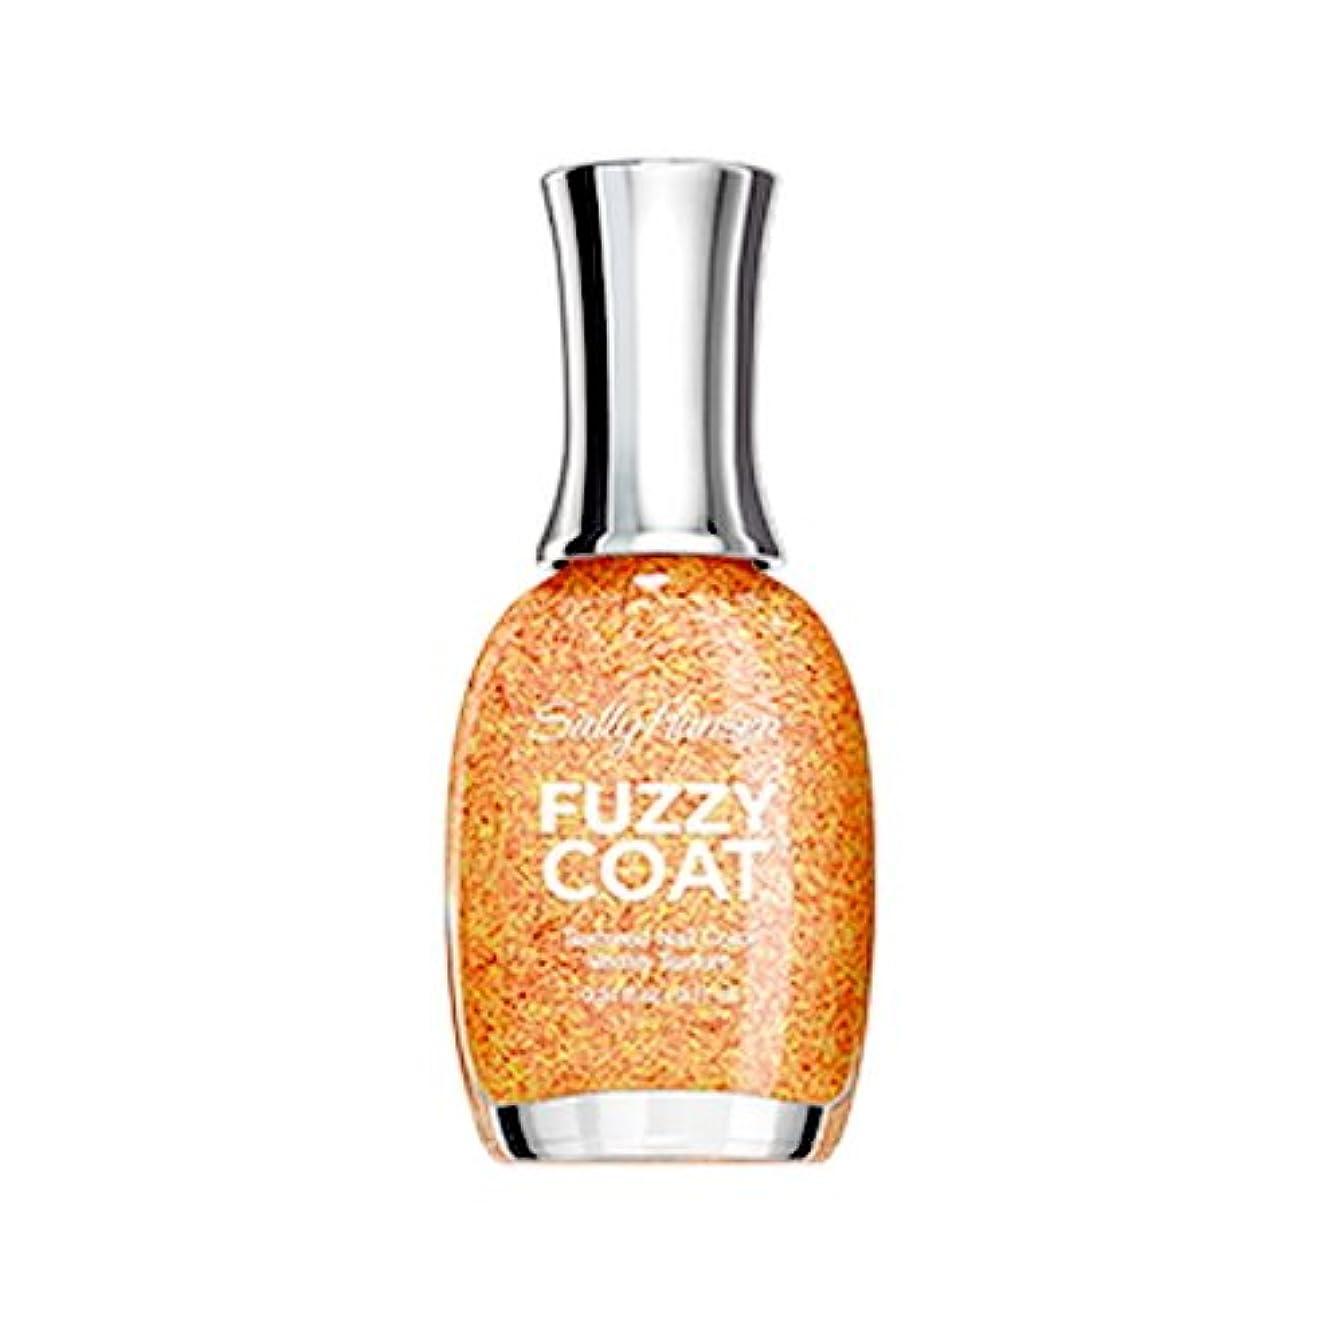 に沿って飾るアルファベット順SALLY HANSEN Fuzzy Coat Special Effect Textured Nail Color - Peach Fuzz (並行輸入品)